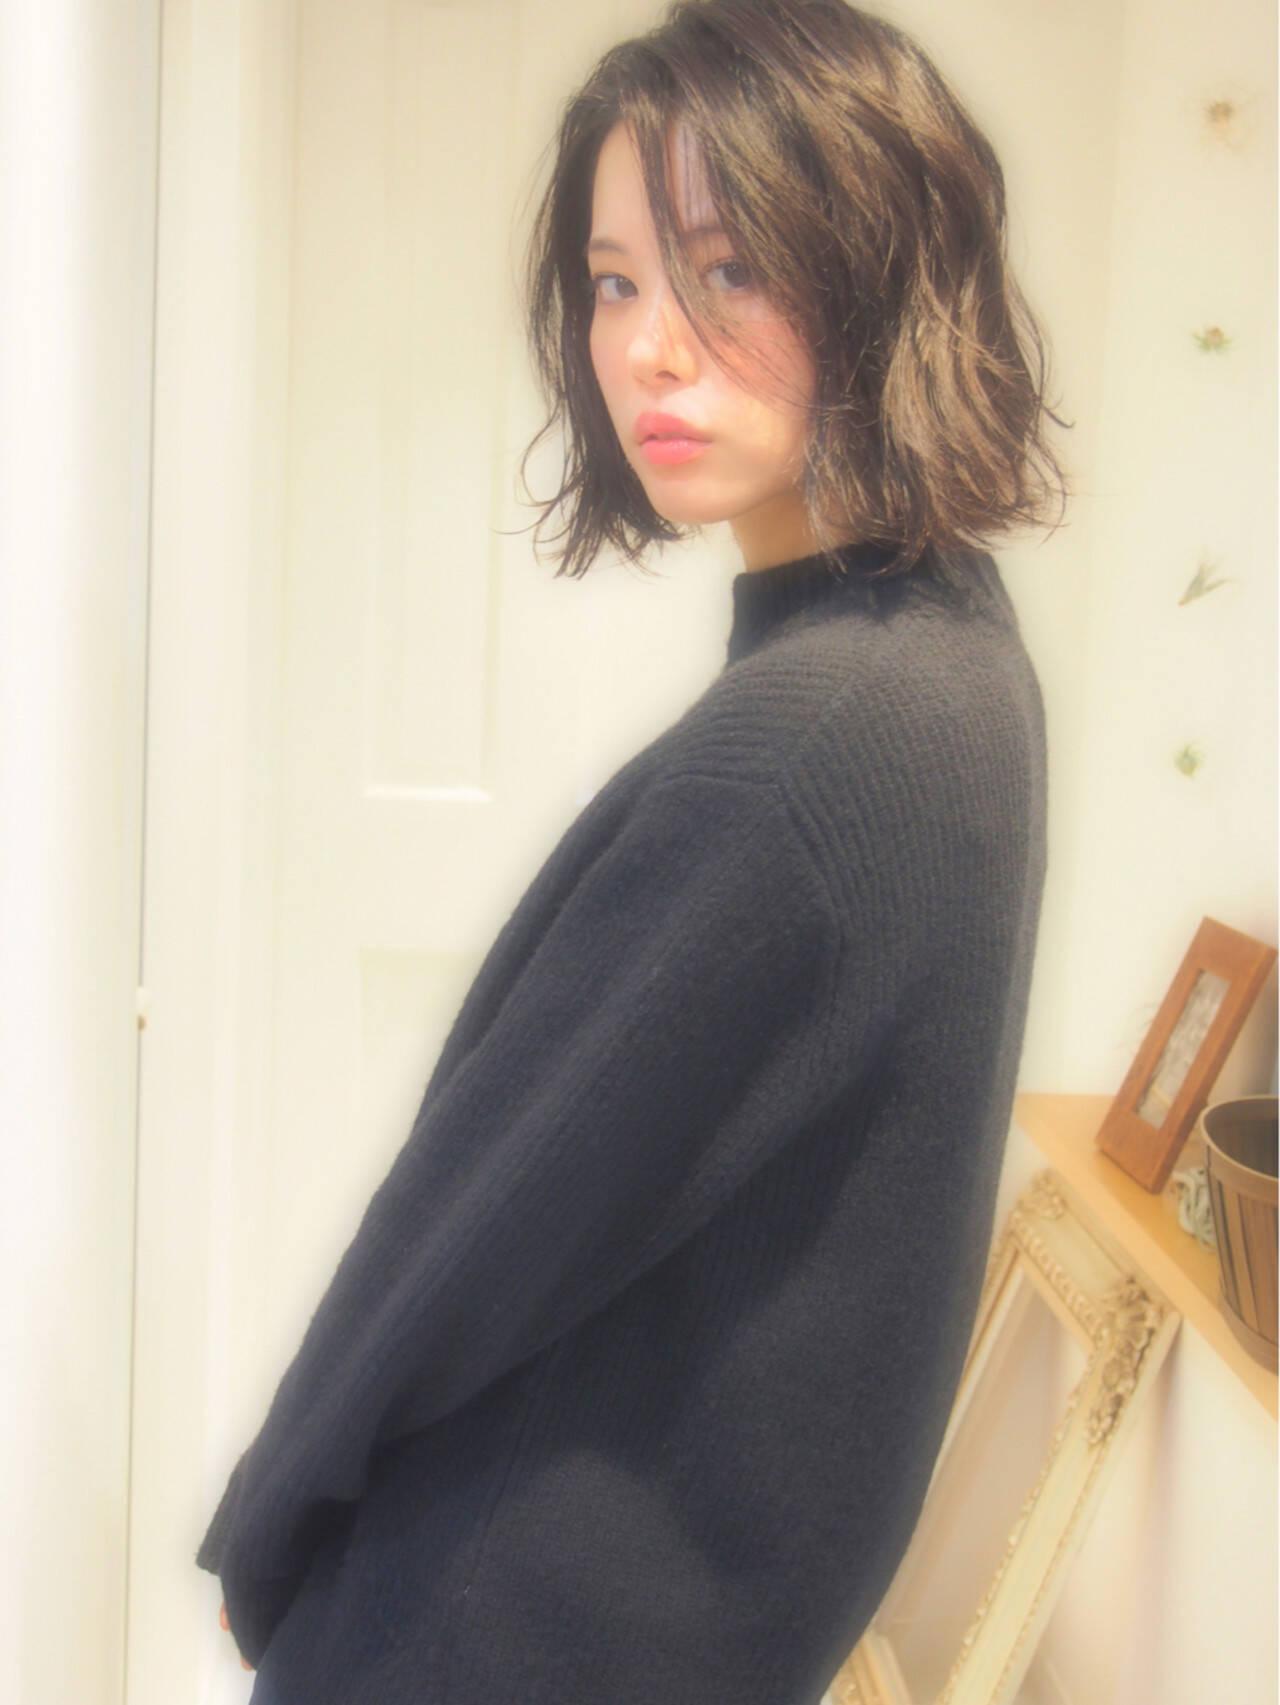 ナチュラル 無造作 ロブ ボブヘアスタイルや髪型の写真・画像